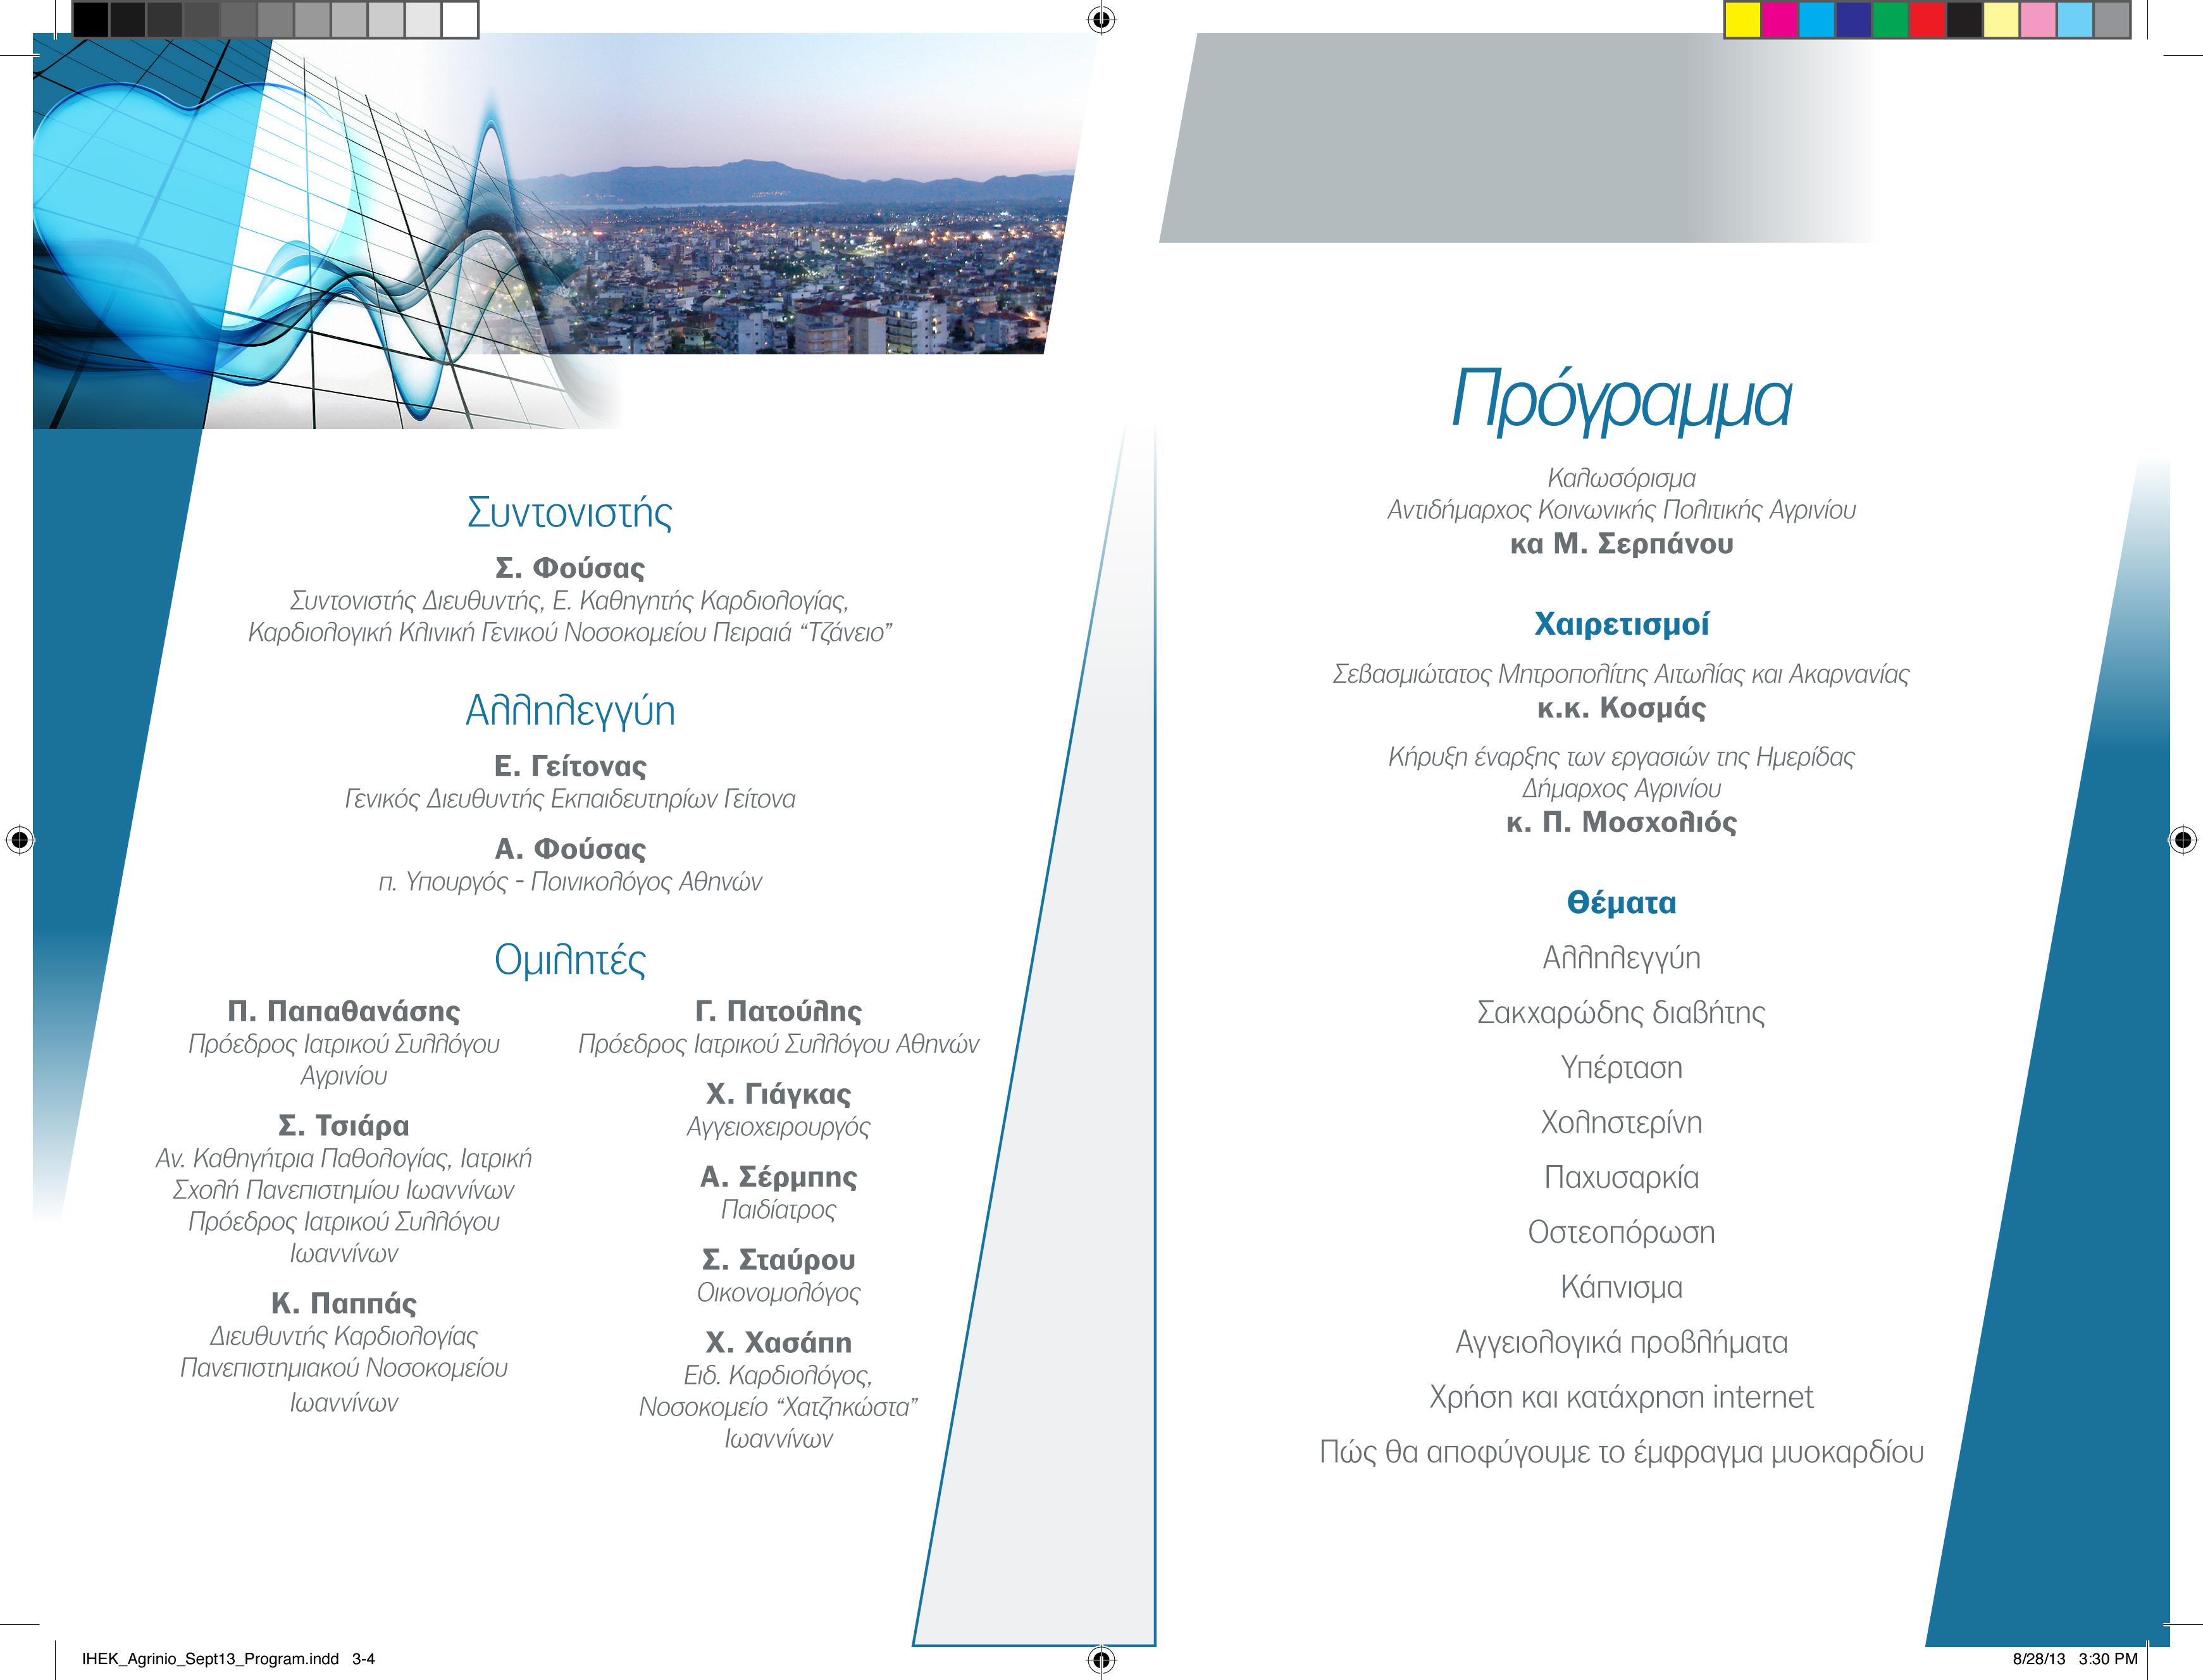 IHEK_Agrinio_Sept13_Program_PRESS-2